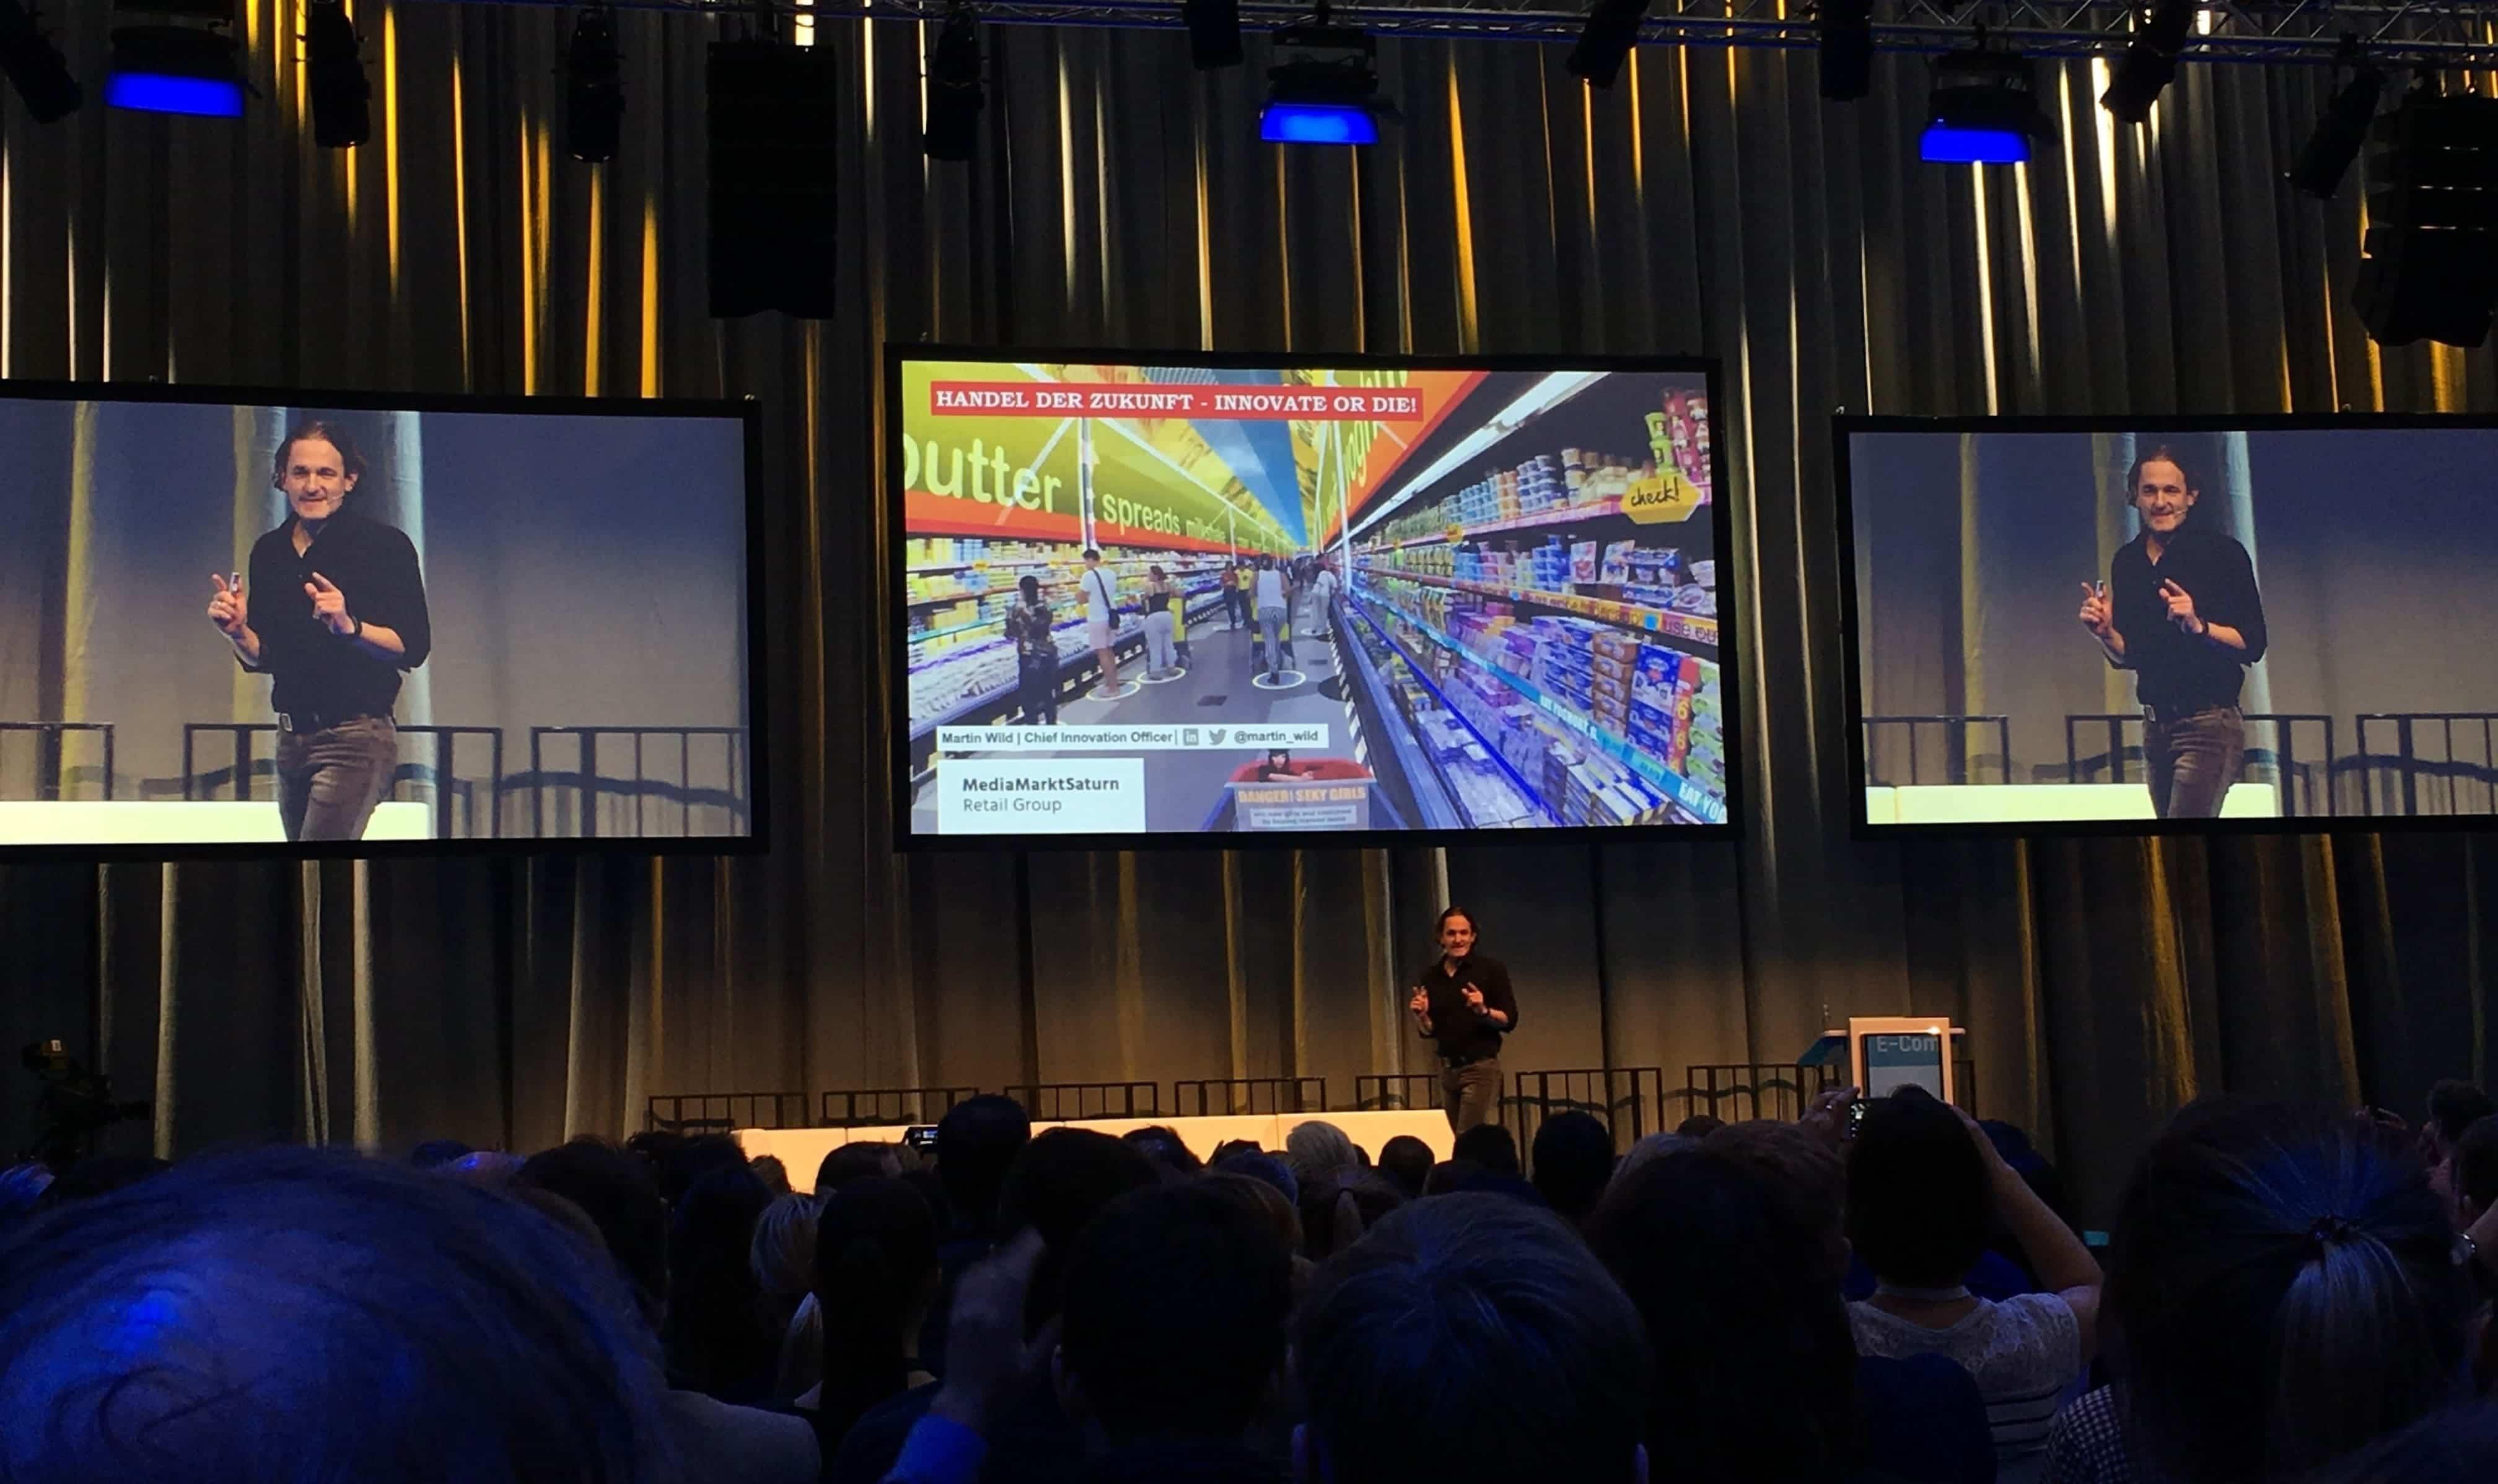 """Martin Wilds Präsentation auf der Internet World Expo 2018 von der MediaMarktSaturn Retail Group zu """"Innovate or Die!"""""""